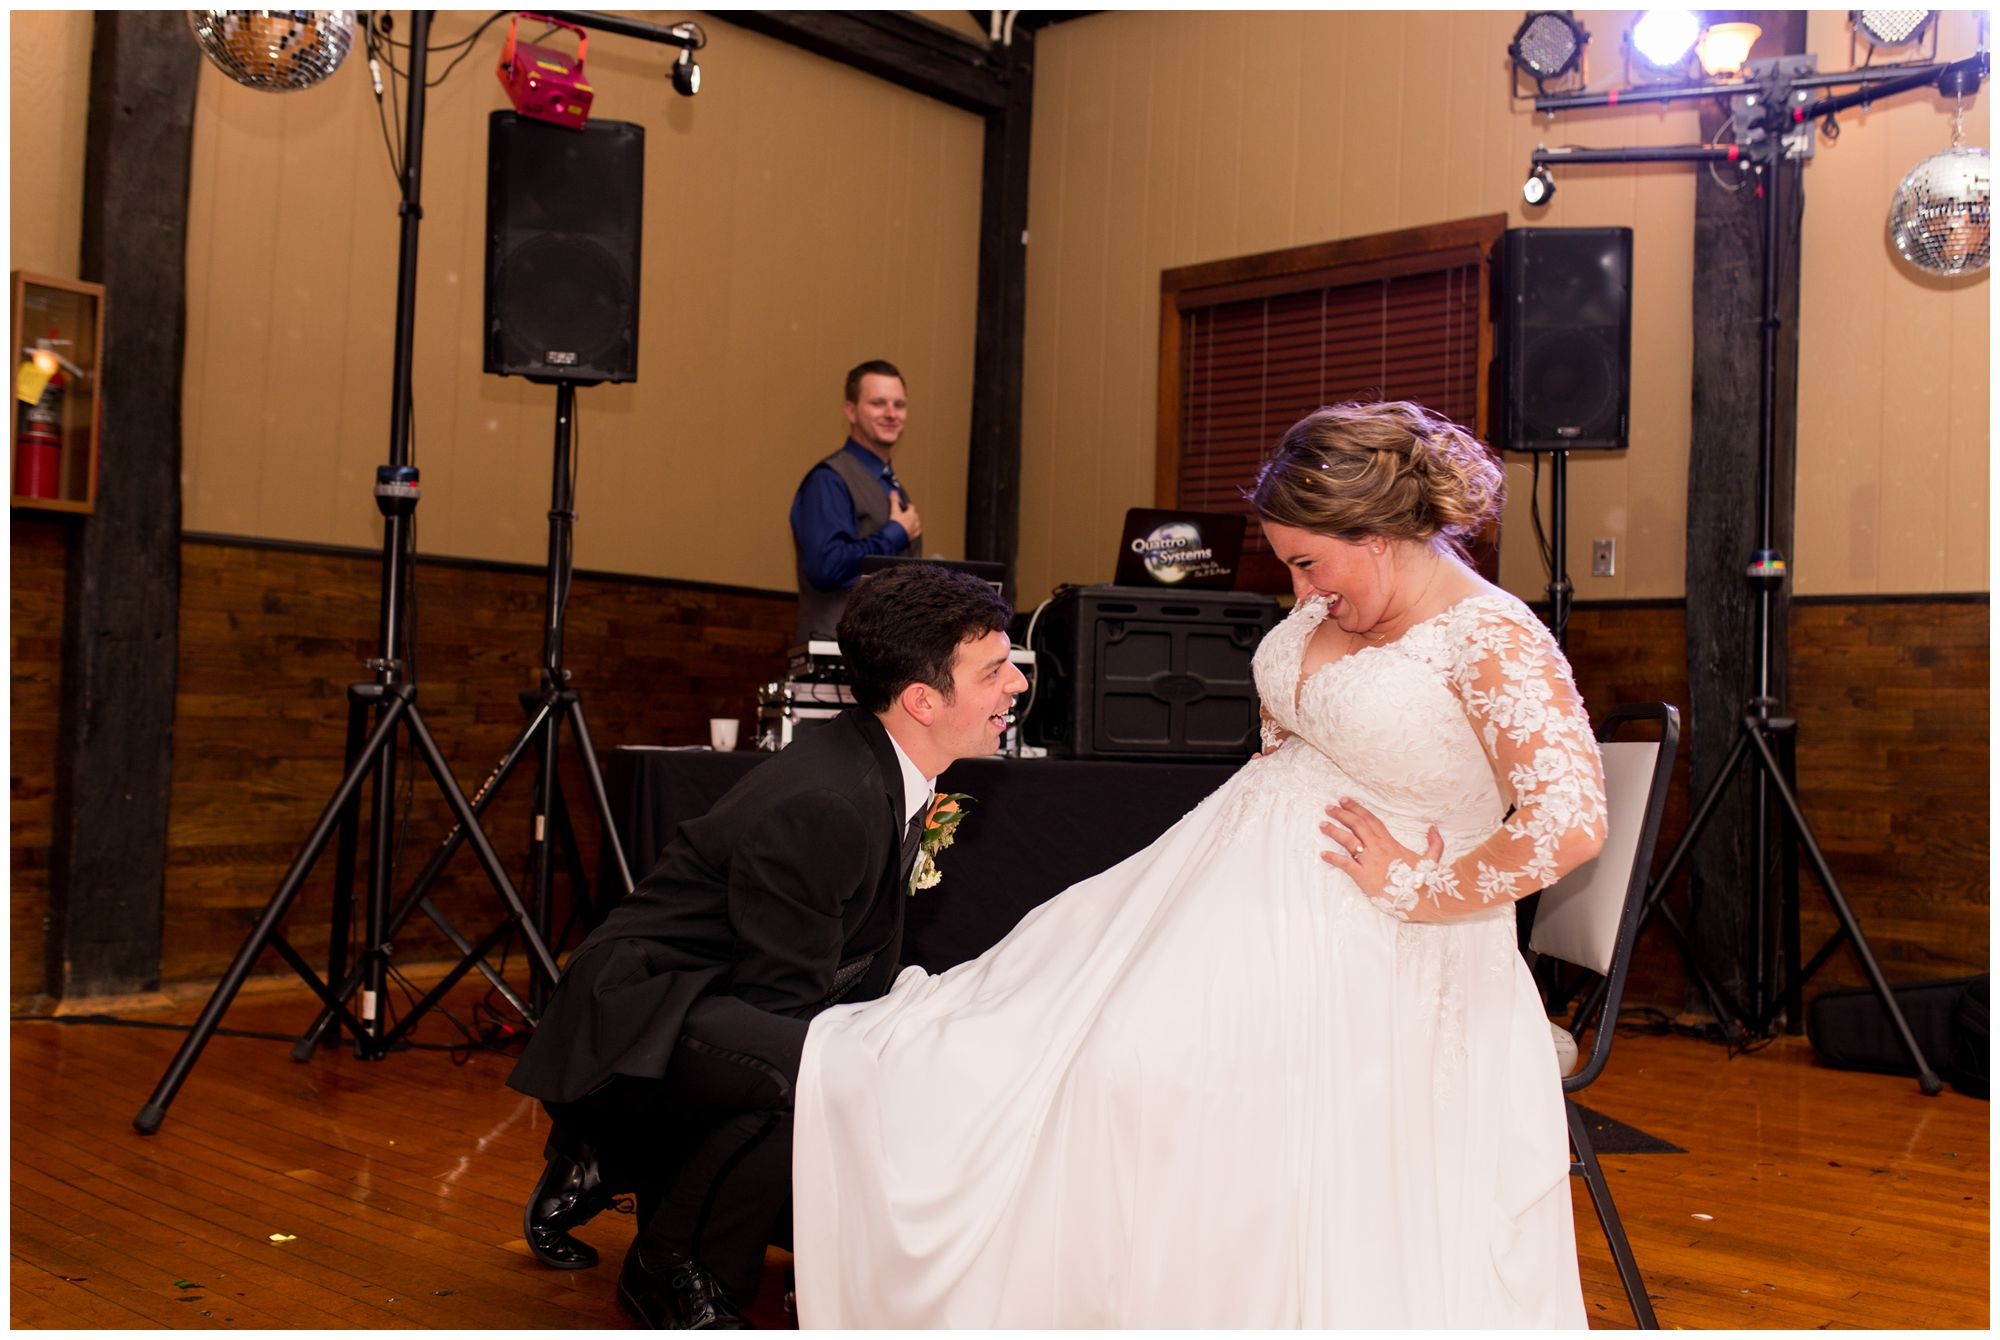 groom takes garter off bride's leg for garter toss at Goeglein Homestead